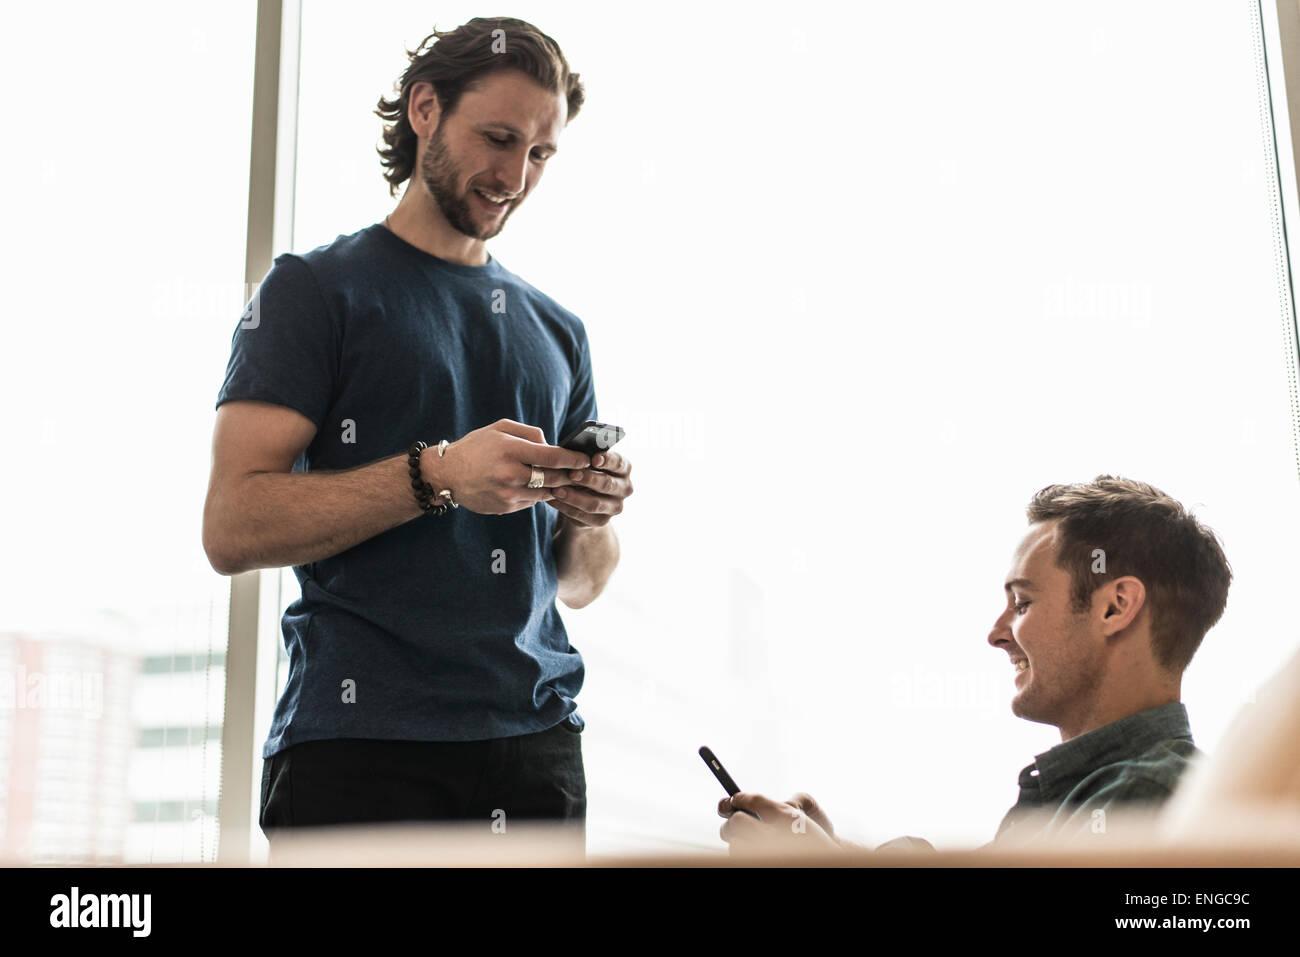 Deux hommes dans un bureau, la vérification de leurs téléphones intelligents. Photo Stock